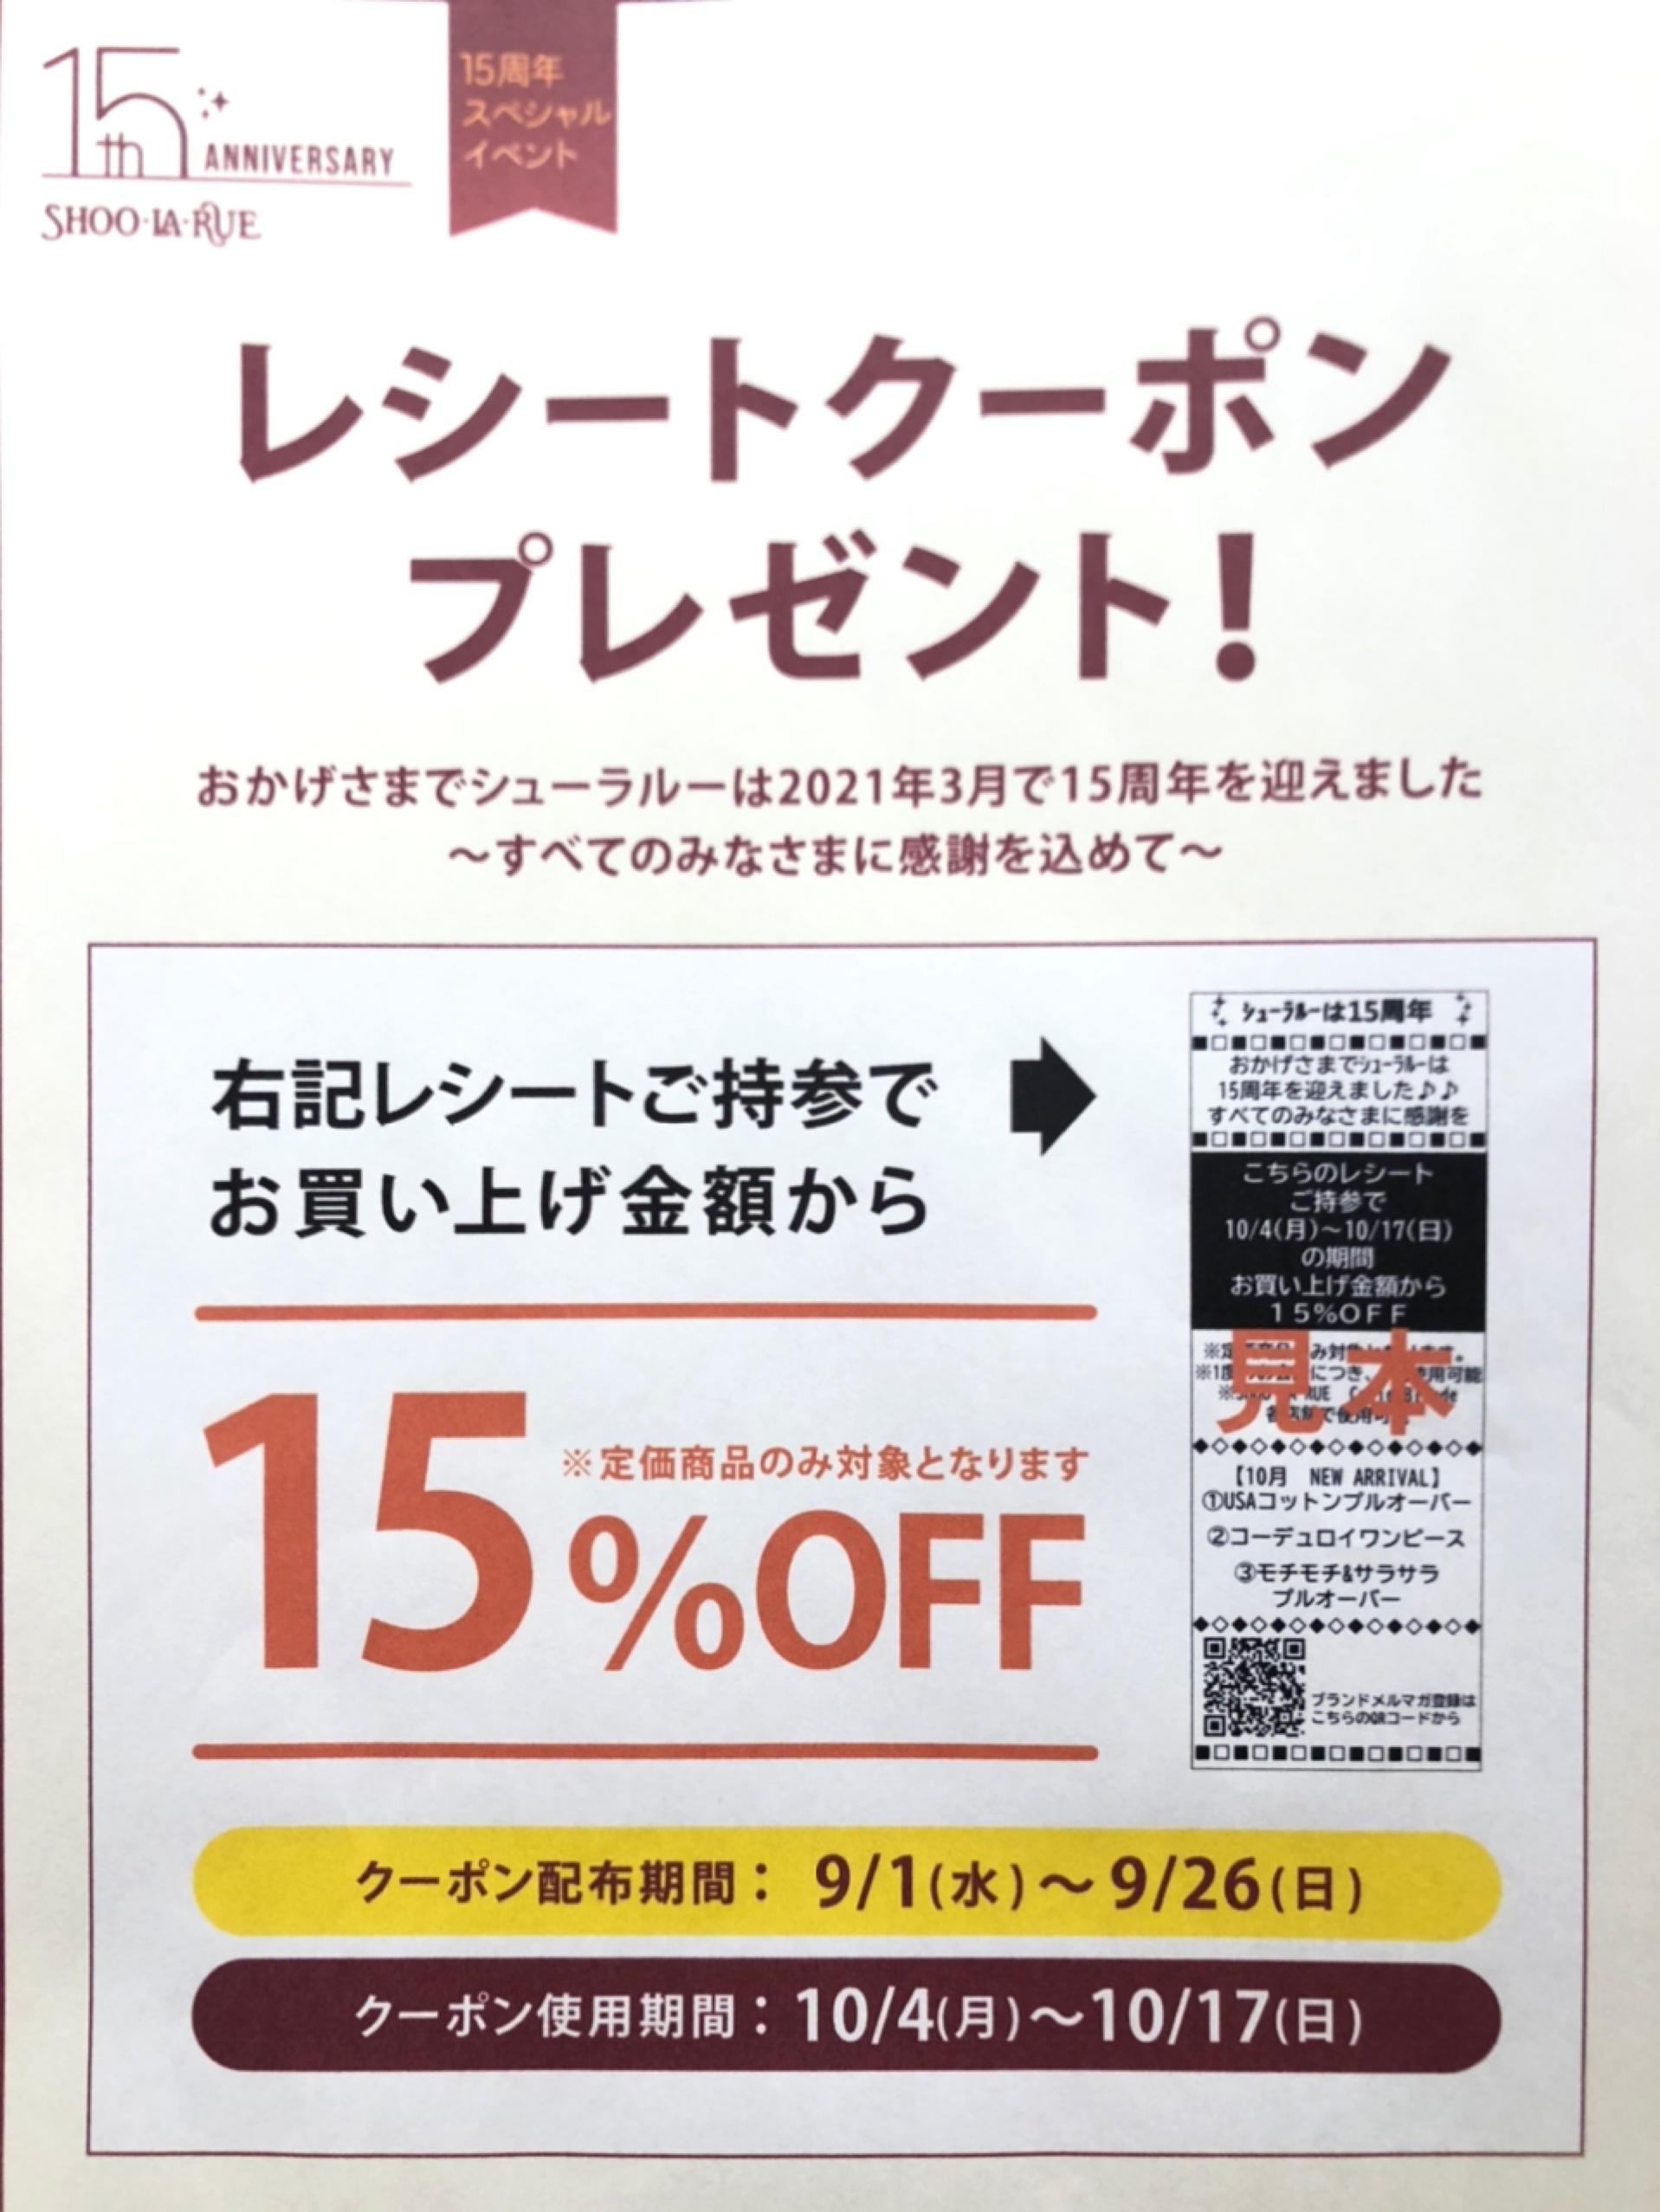 シューラルー 秋物新作商品のご案内♪:イメージ